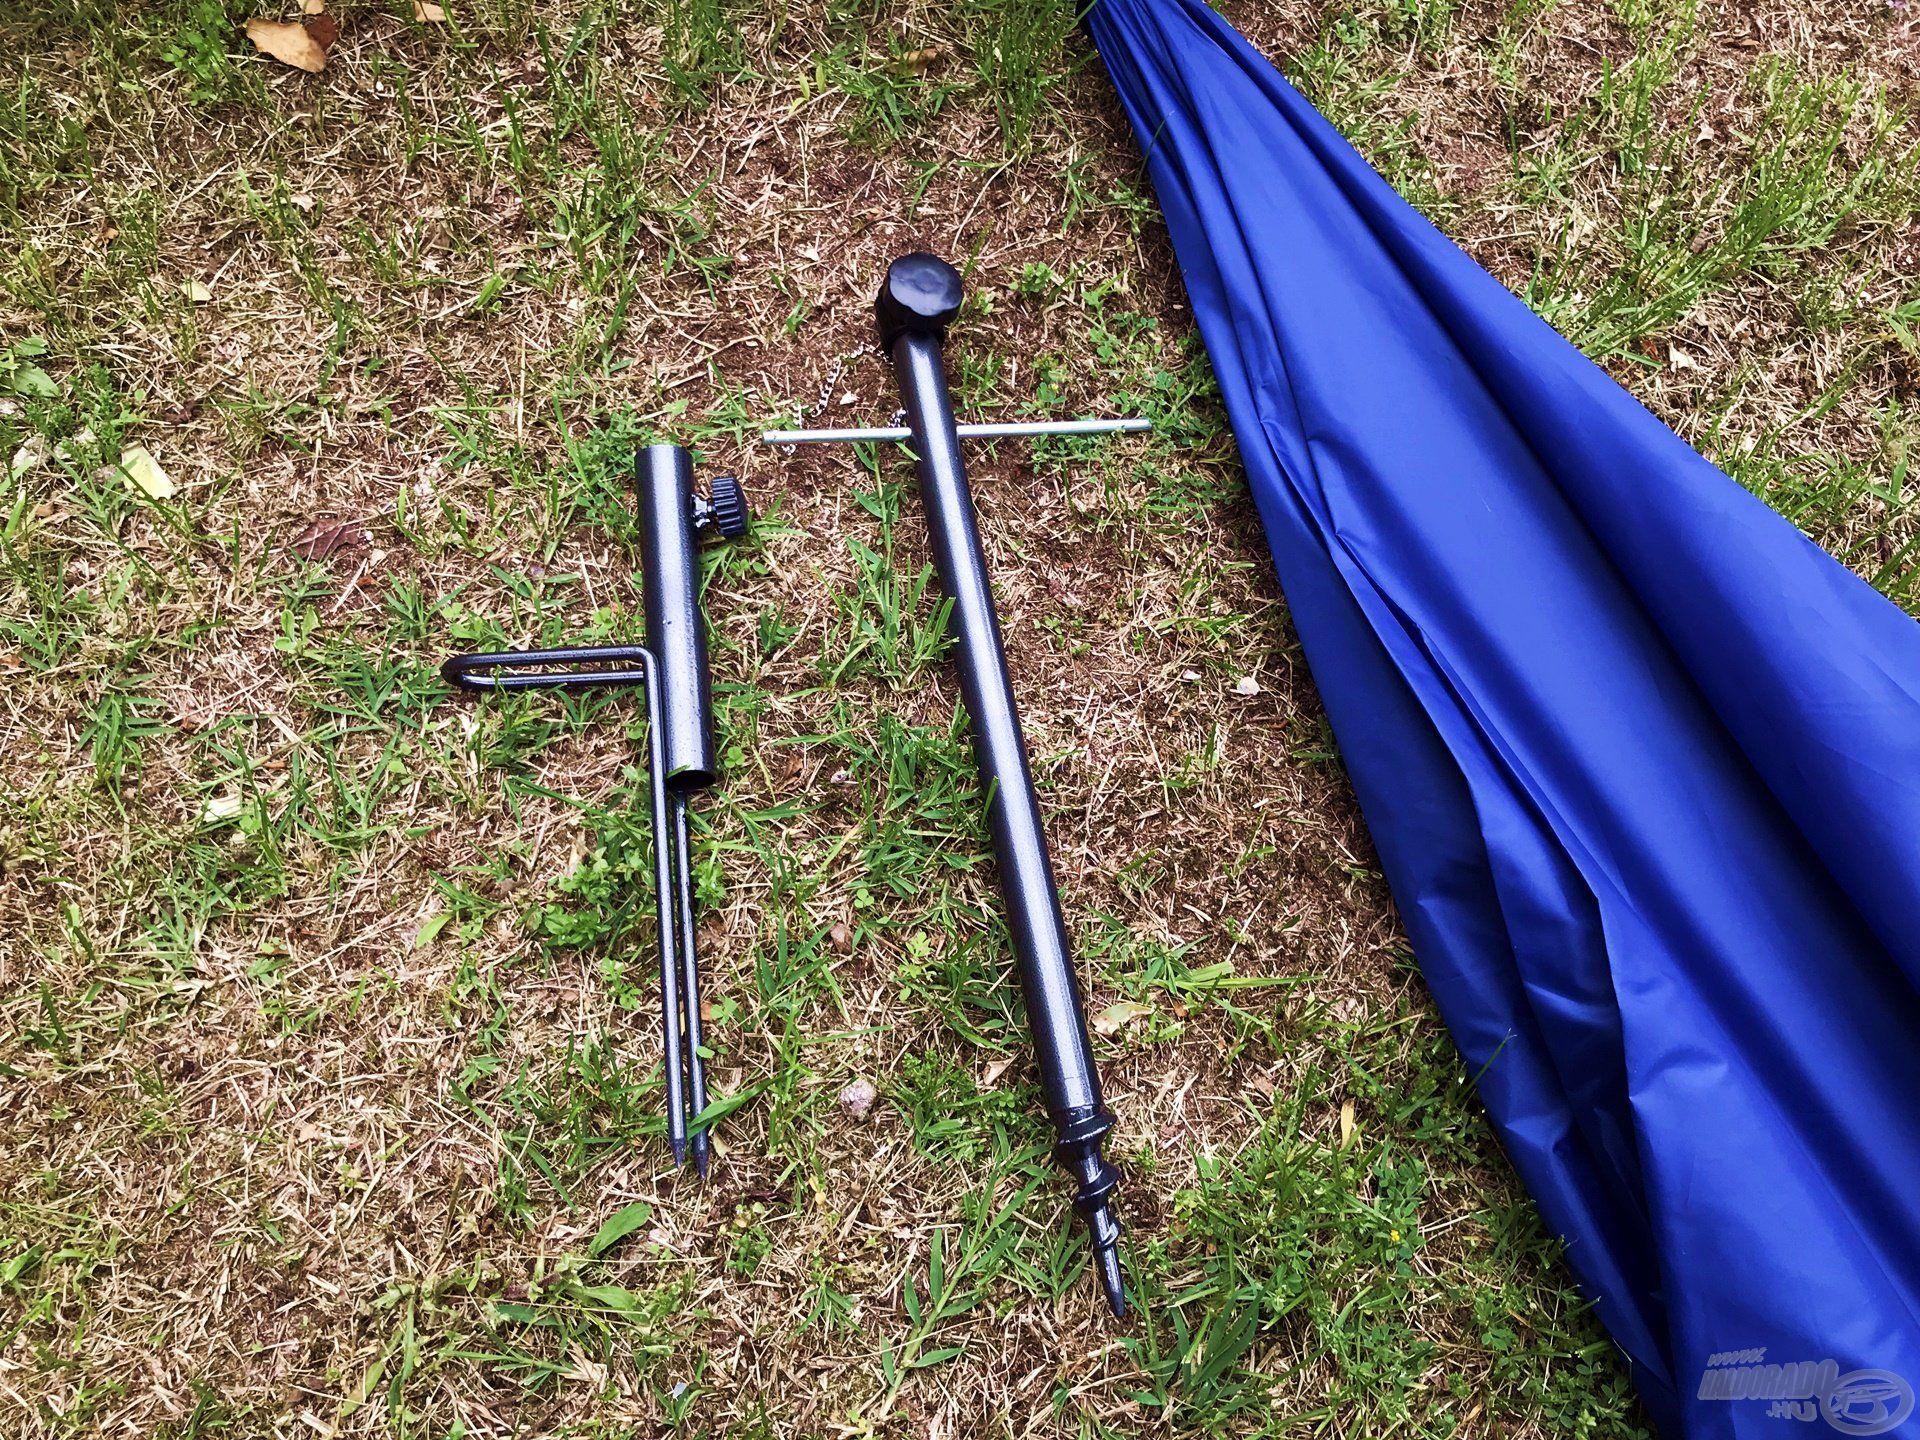 Balra az egyszerűbb, letaposható, jobbra a stabilabb lehajtható ernyőtartó